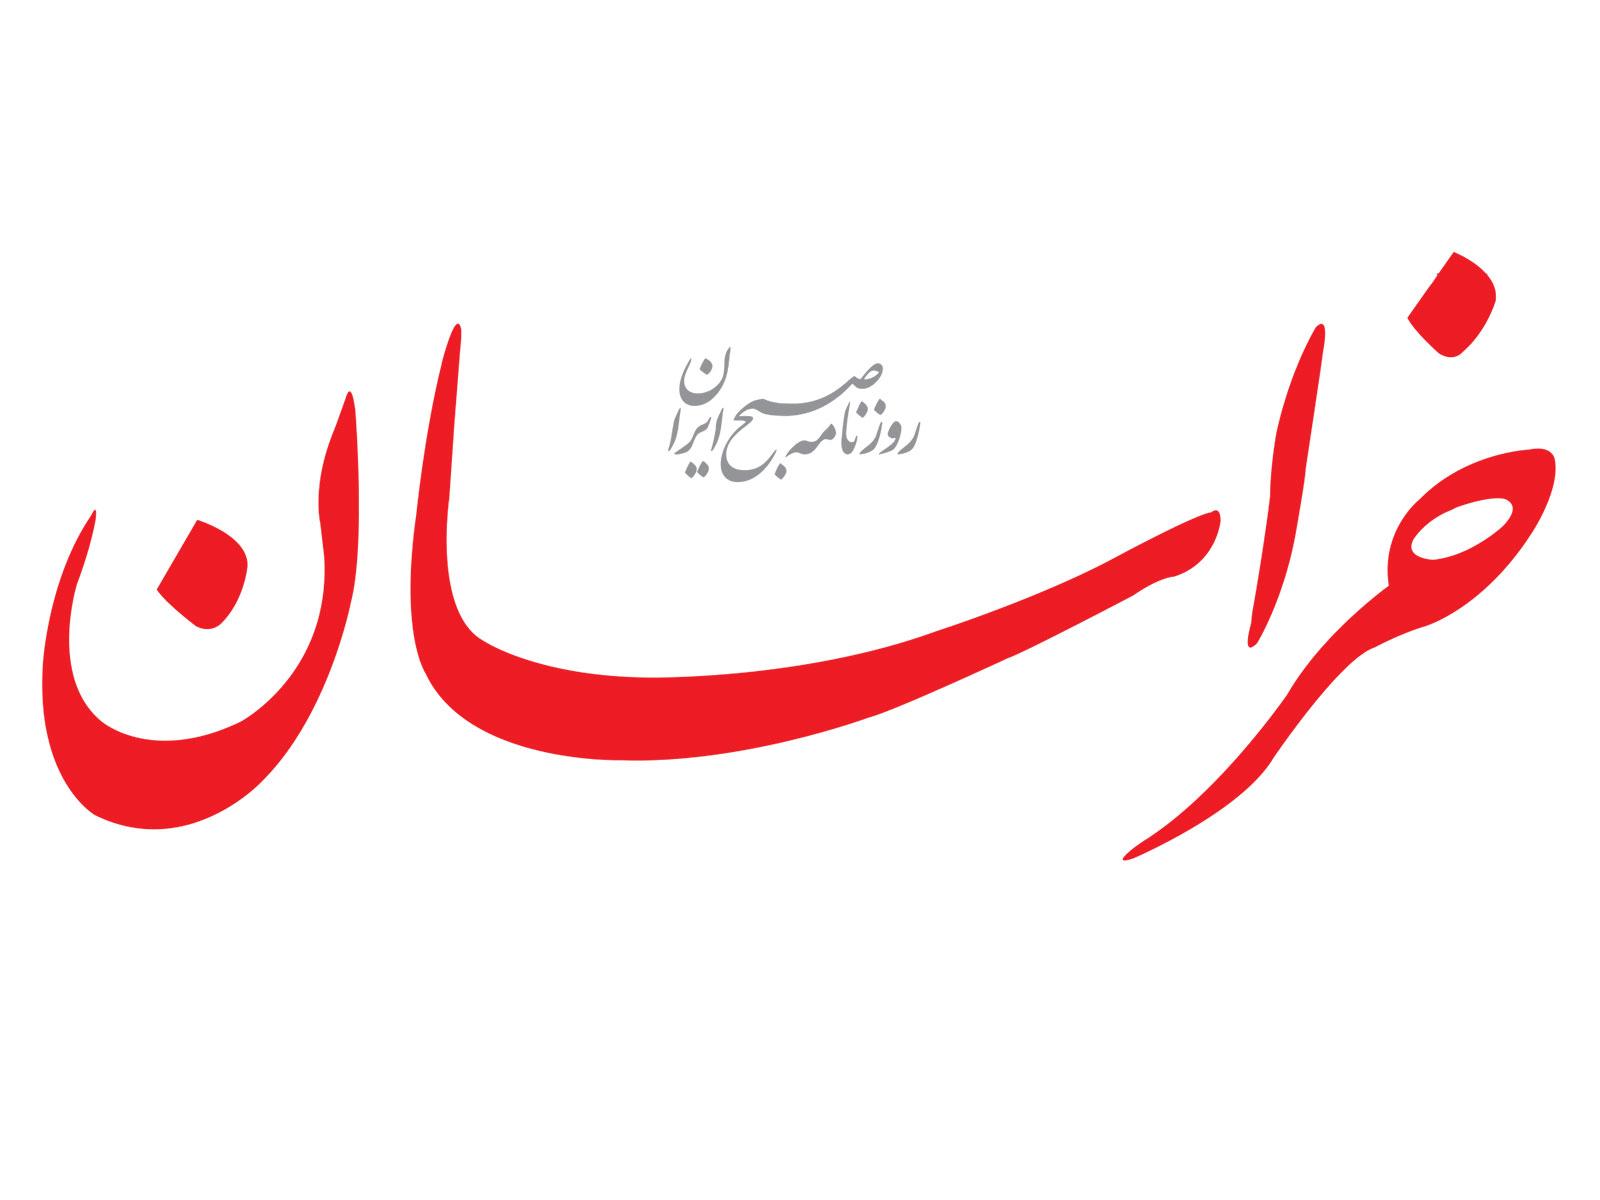 سرمقاله خراسان/ 3 گام تکمیلی برای مصوبه مهم مجلس